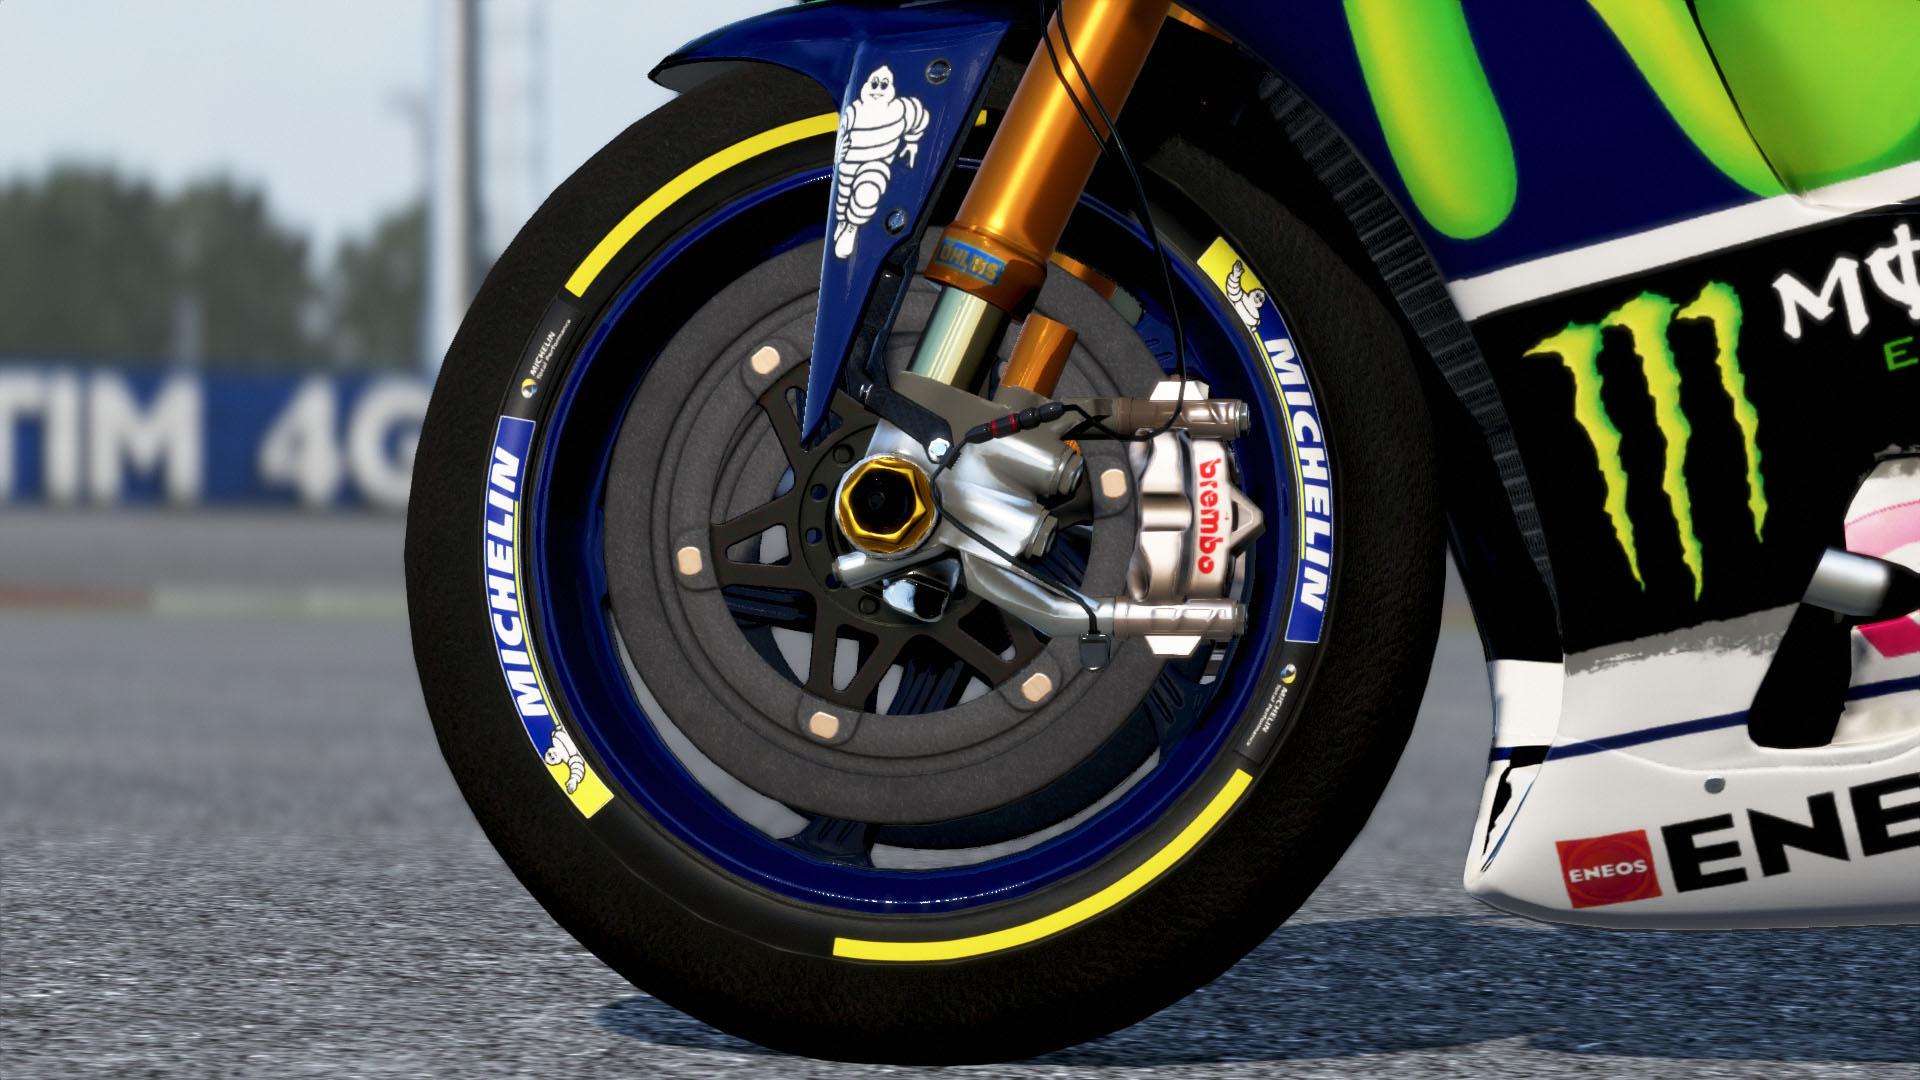 MotoGP15X64 2016-03-21 12-50-09-00.jpg